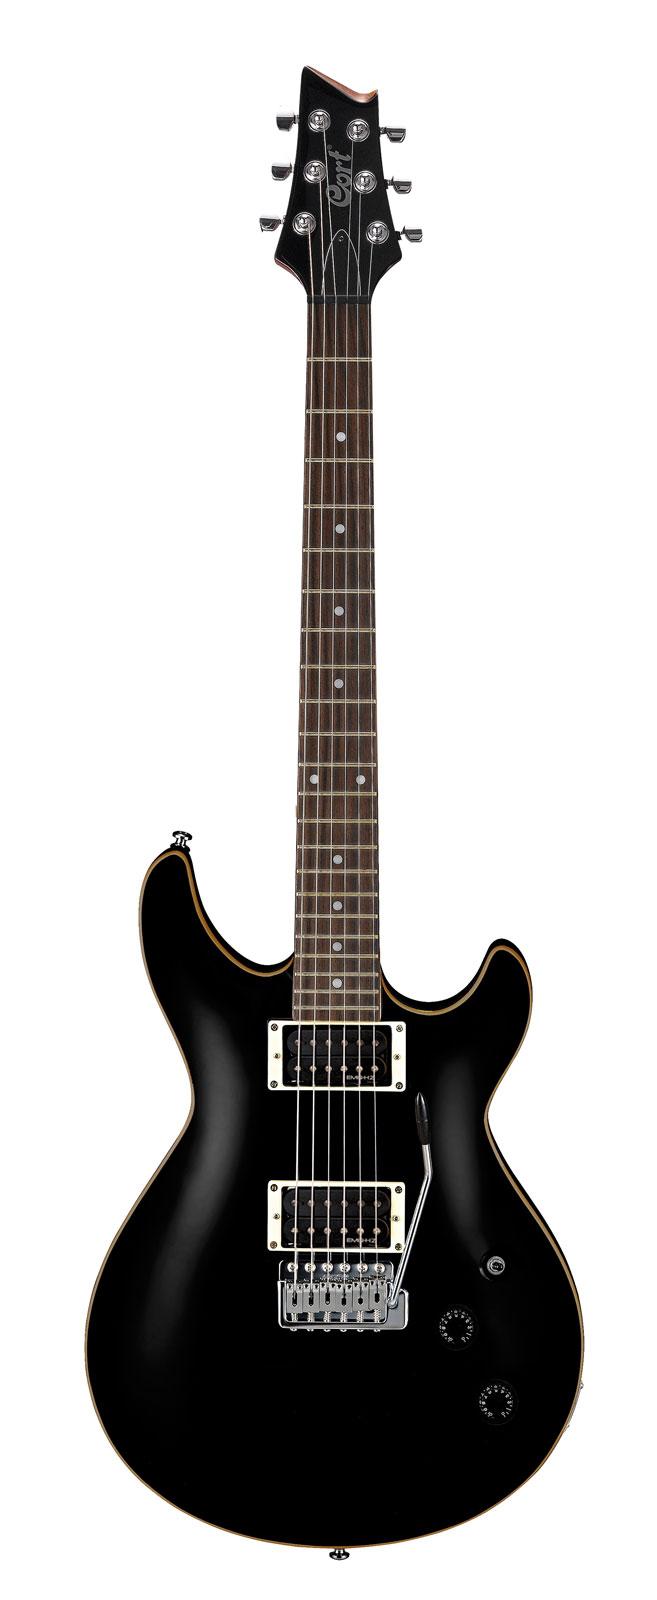 Cort M500t Black Satin